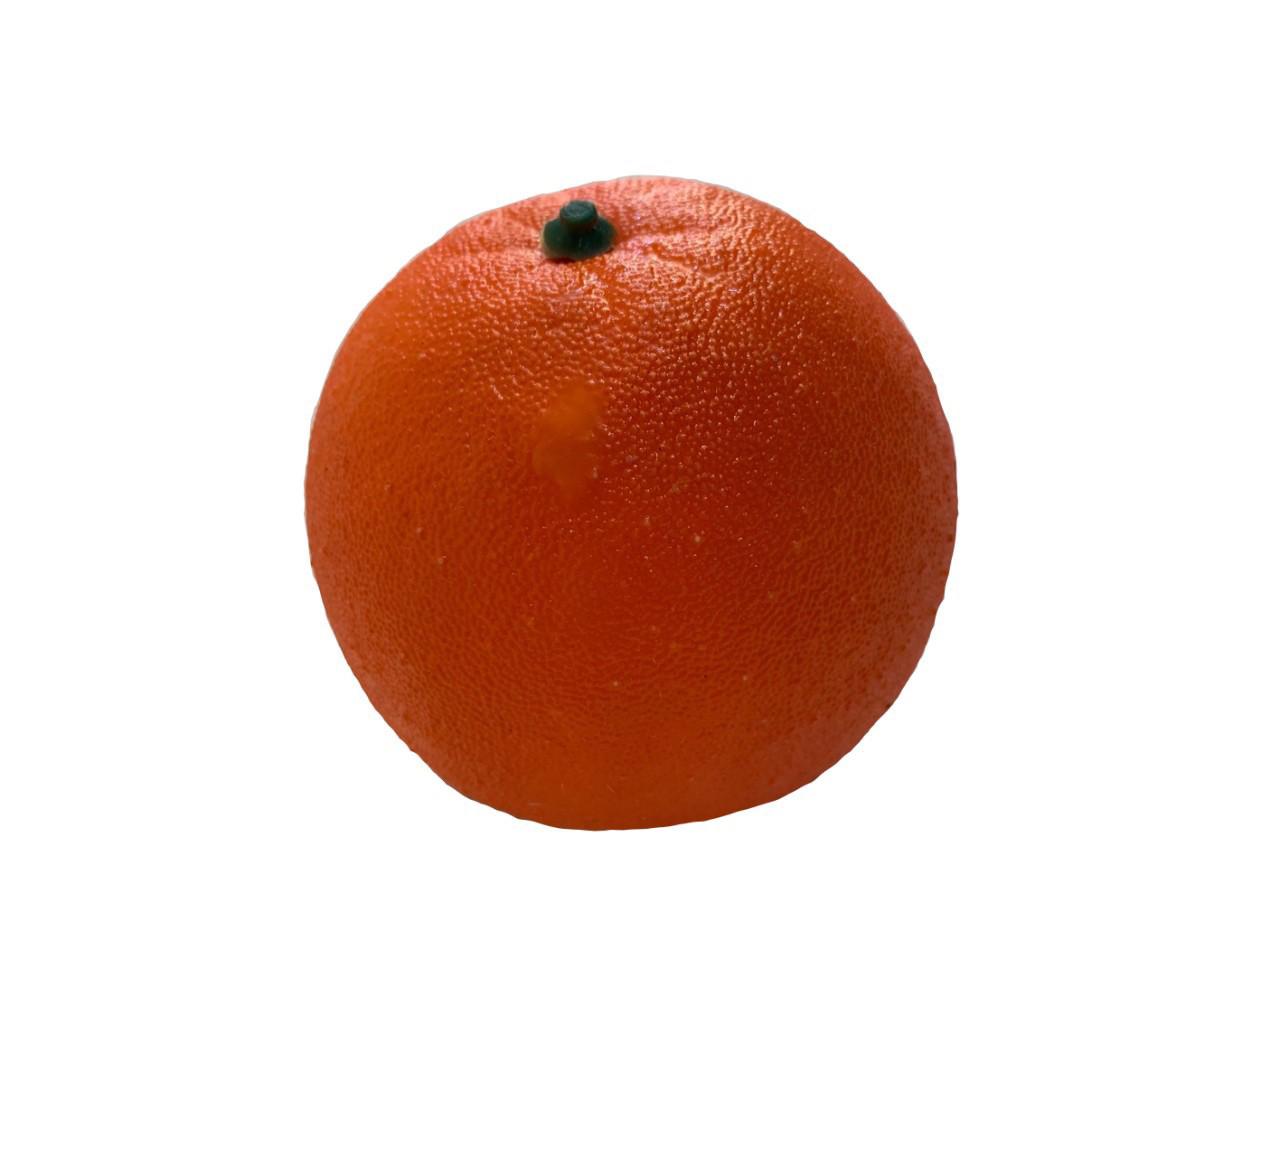 Искусственный фрукт-апельсин,муляж апельсина,апельсин для декора.